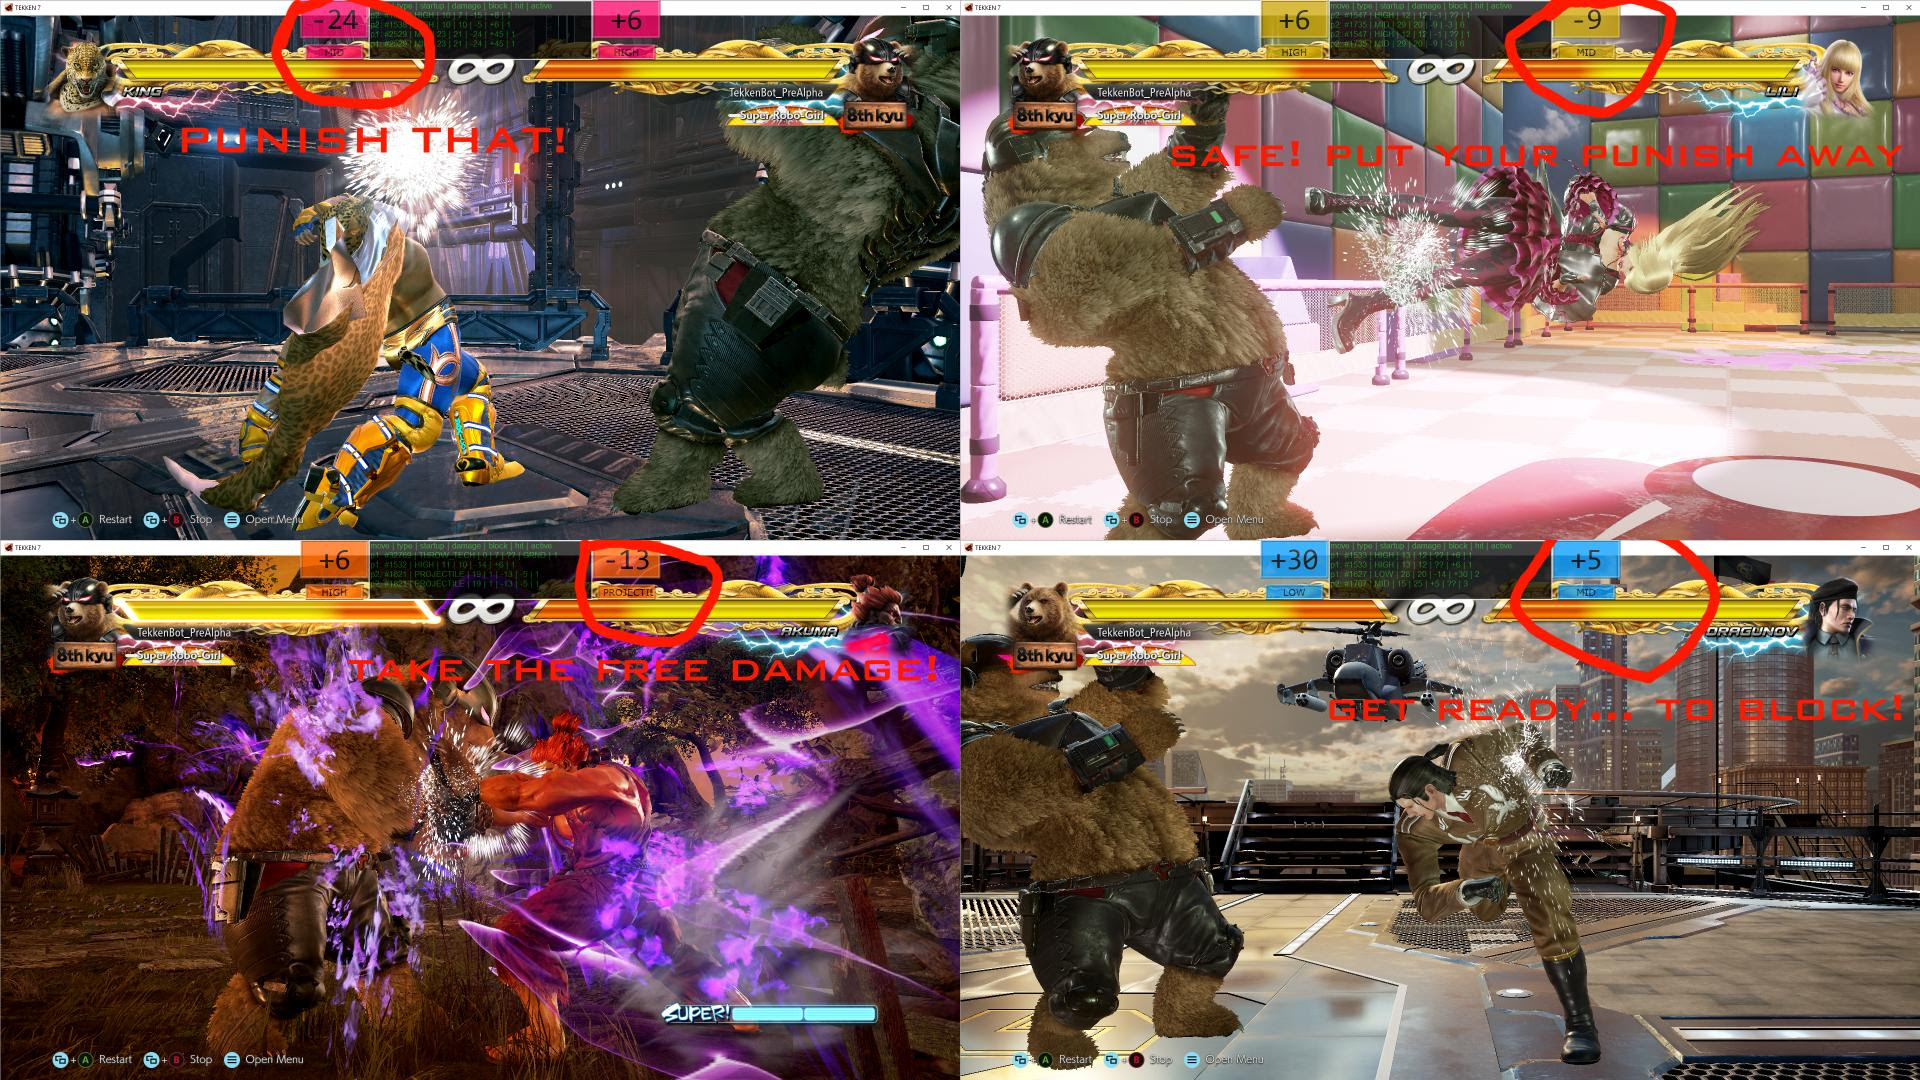 Tekken 7 Pc Tekkenbot Frame Data Overlay News Avoiding The Puddle